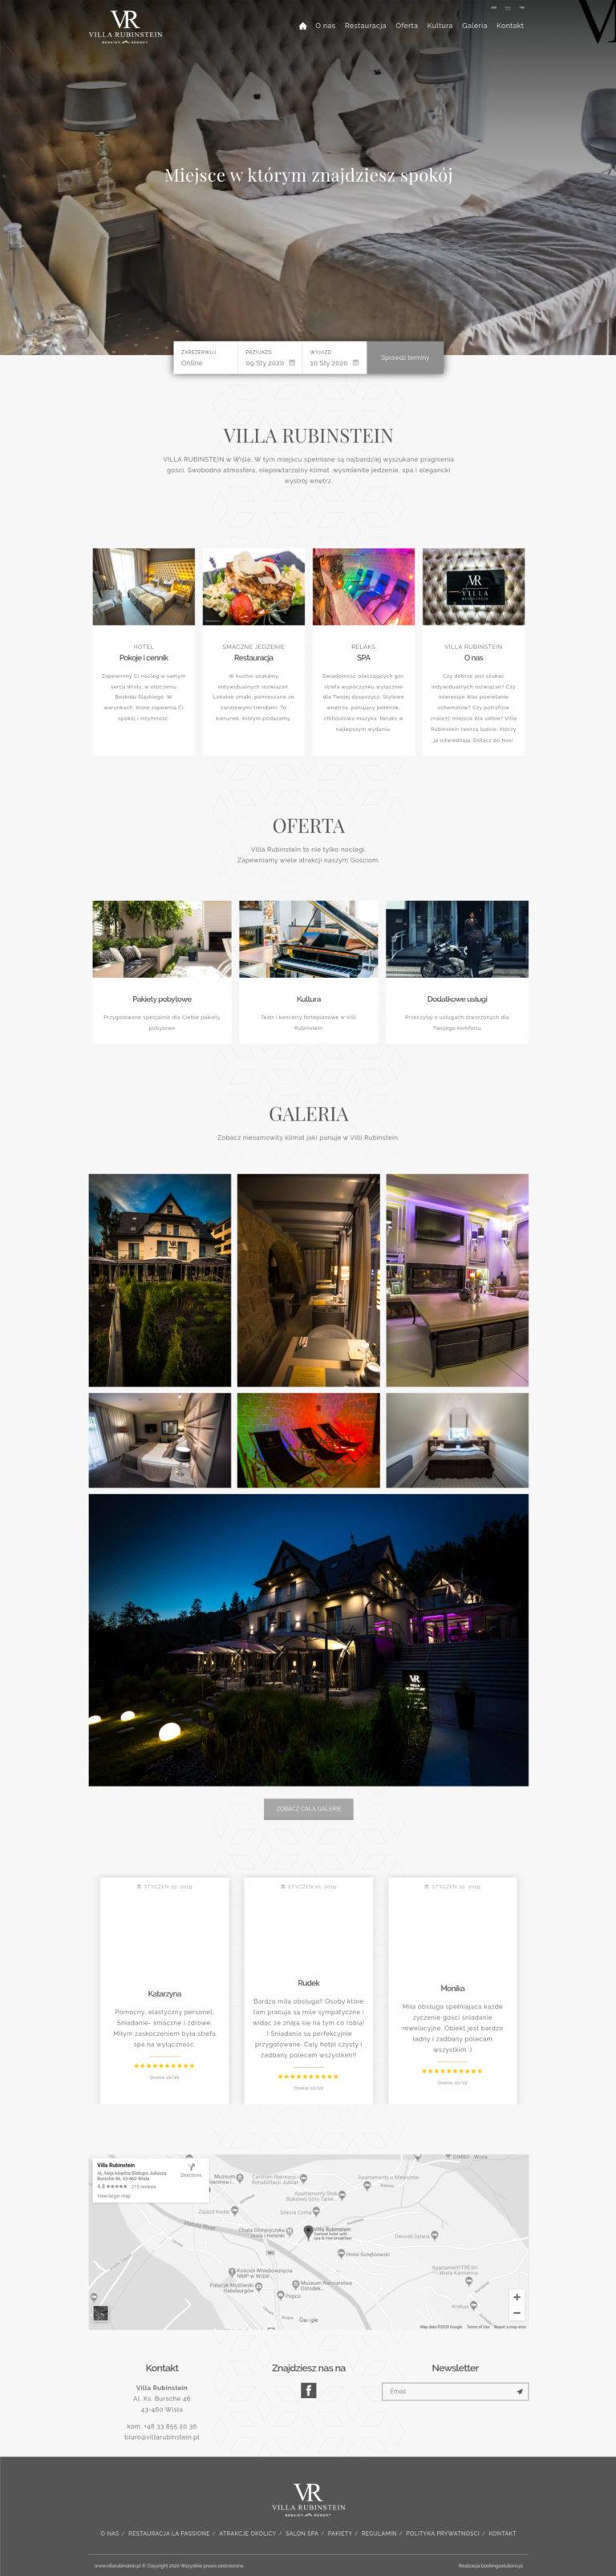 Strony internetowe dla hoteli - 7 punktów, dzięki którym zbudujesz idealną stronę dla swojego obiektu. 8